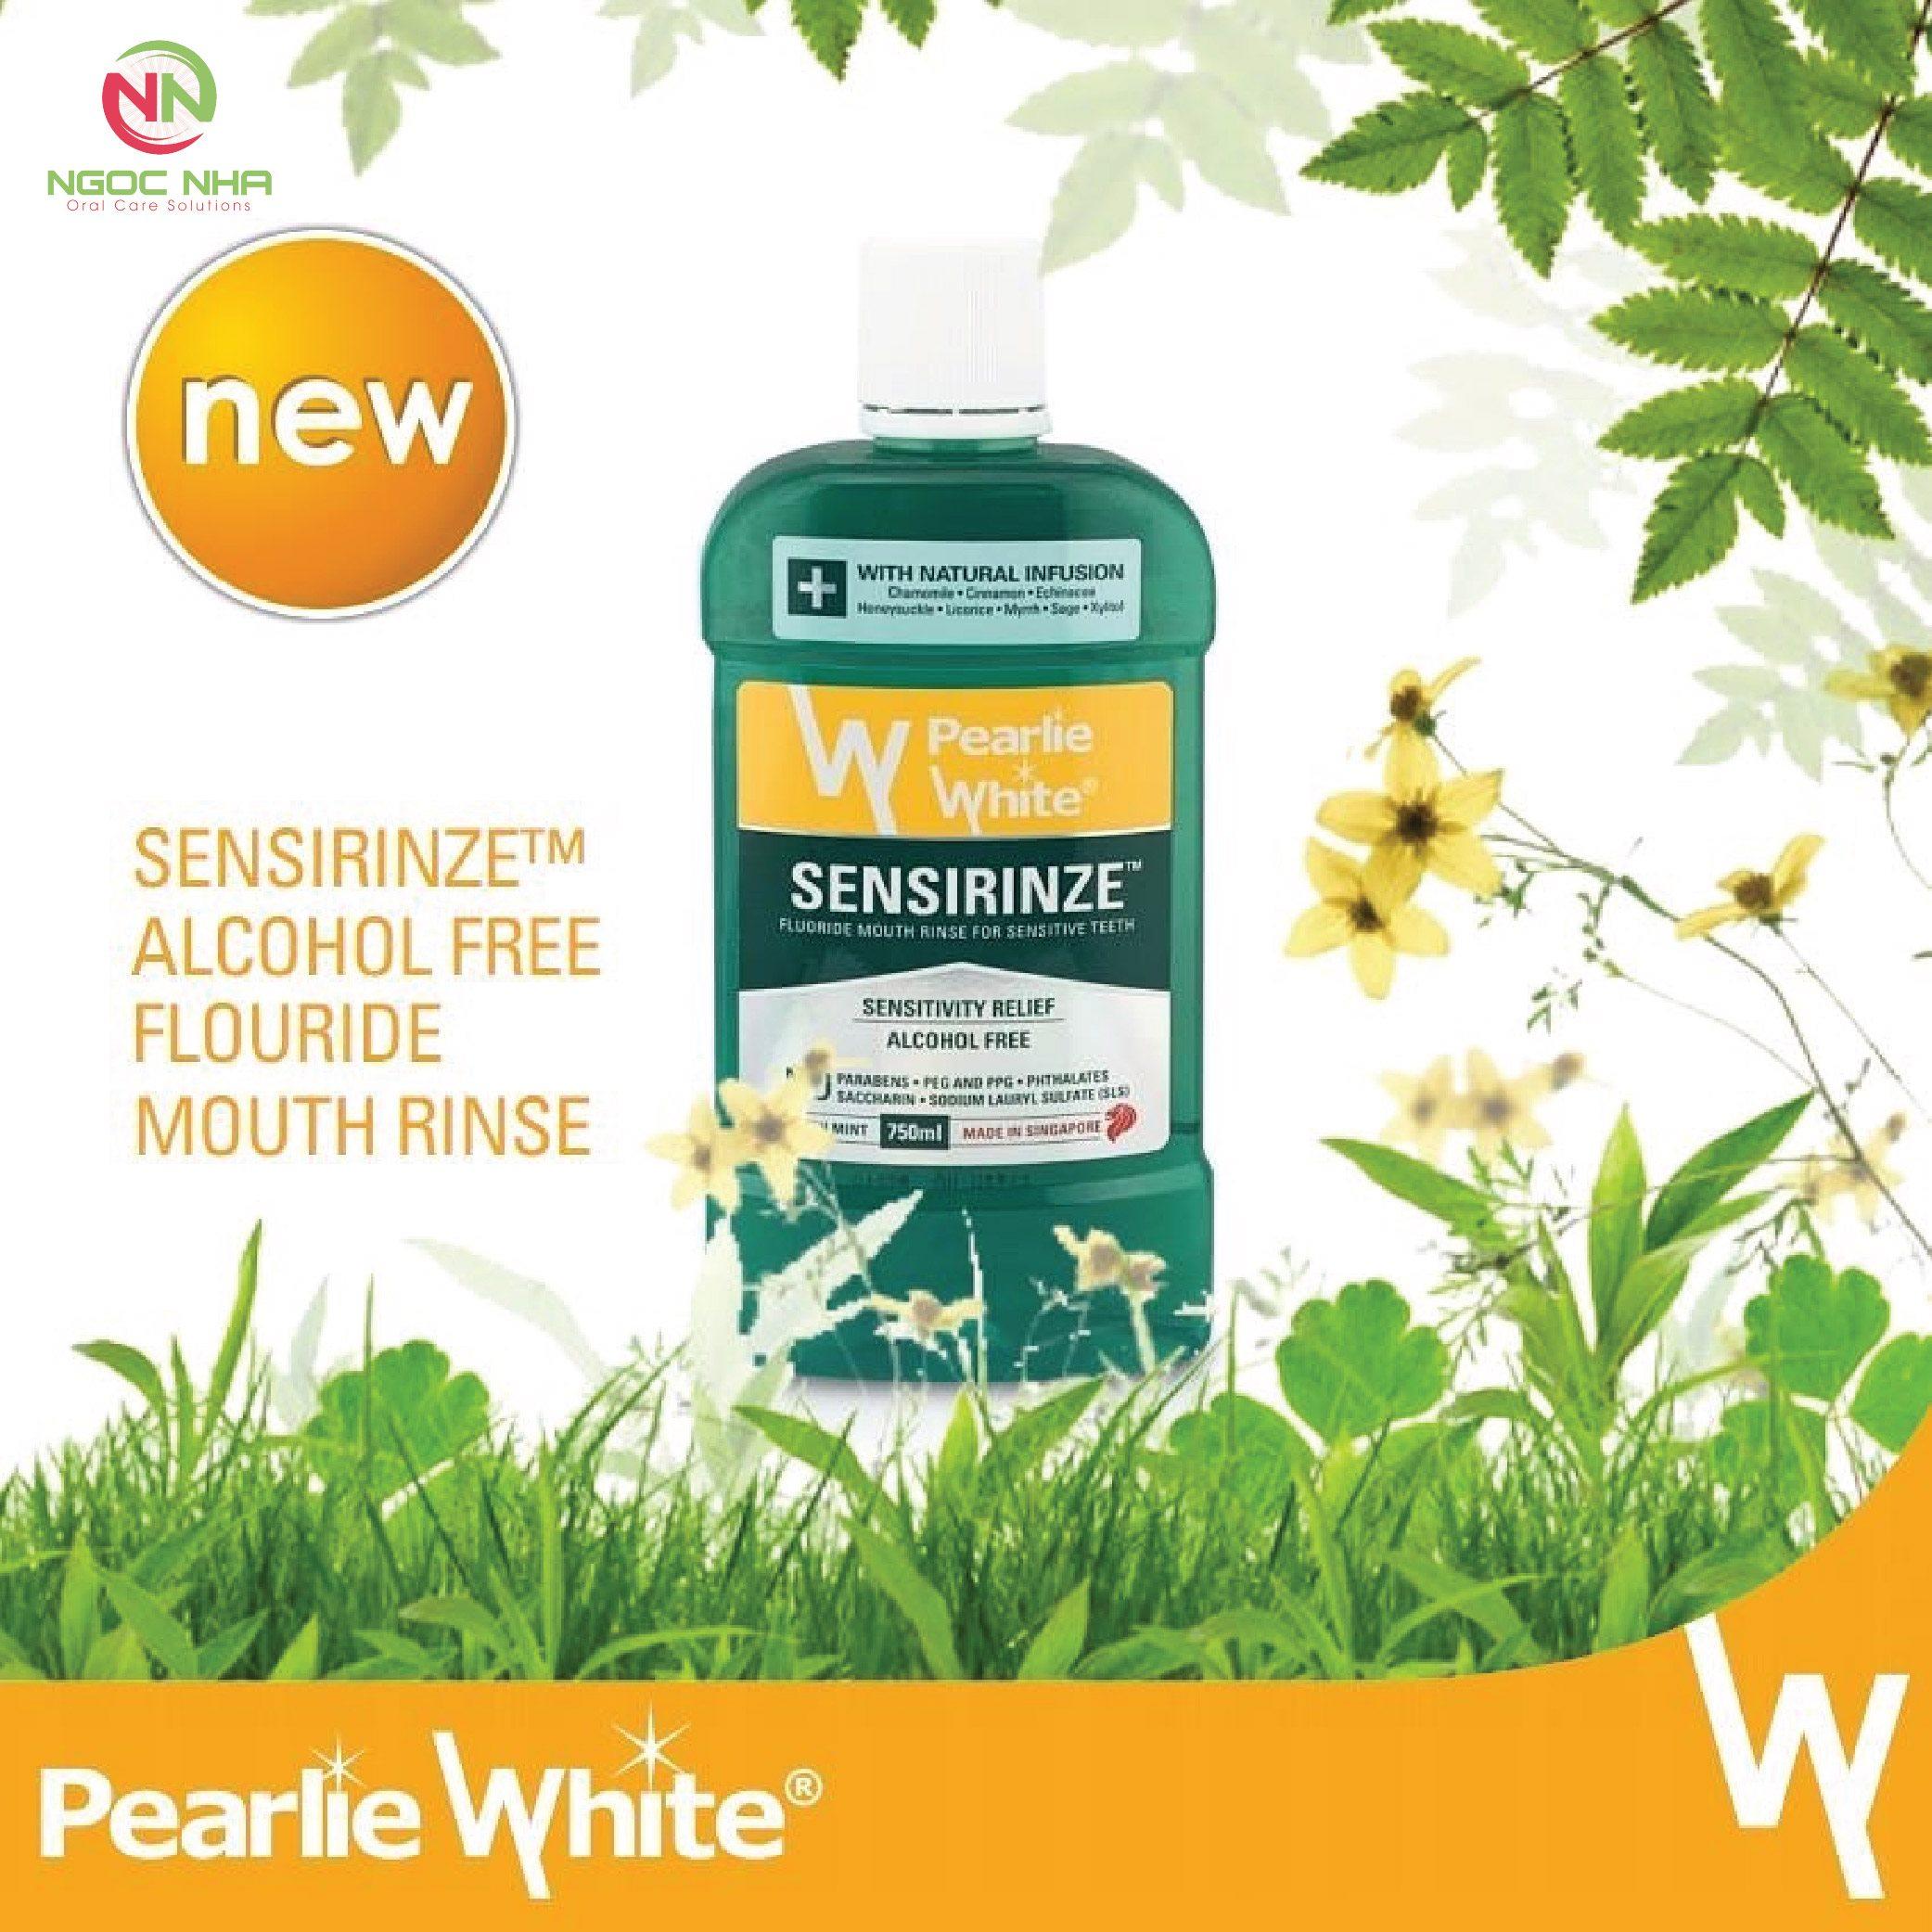 Nước súc miệng ngăn ngừa ê buốt cho răng nhạy cảm Pearlie White SENSIRINZE™ - Flour không cồn 750ml